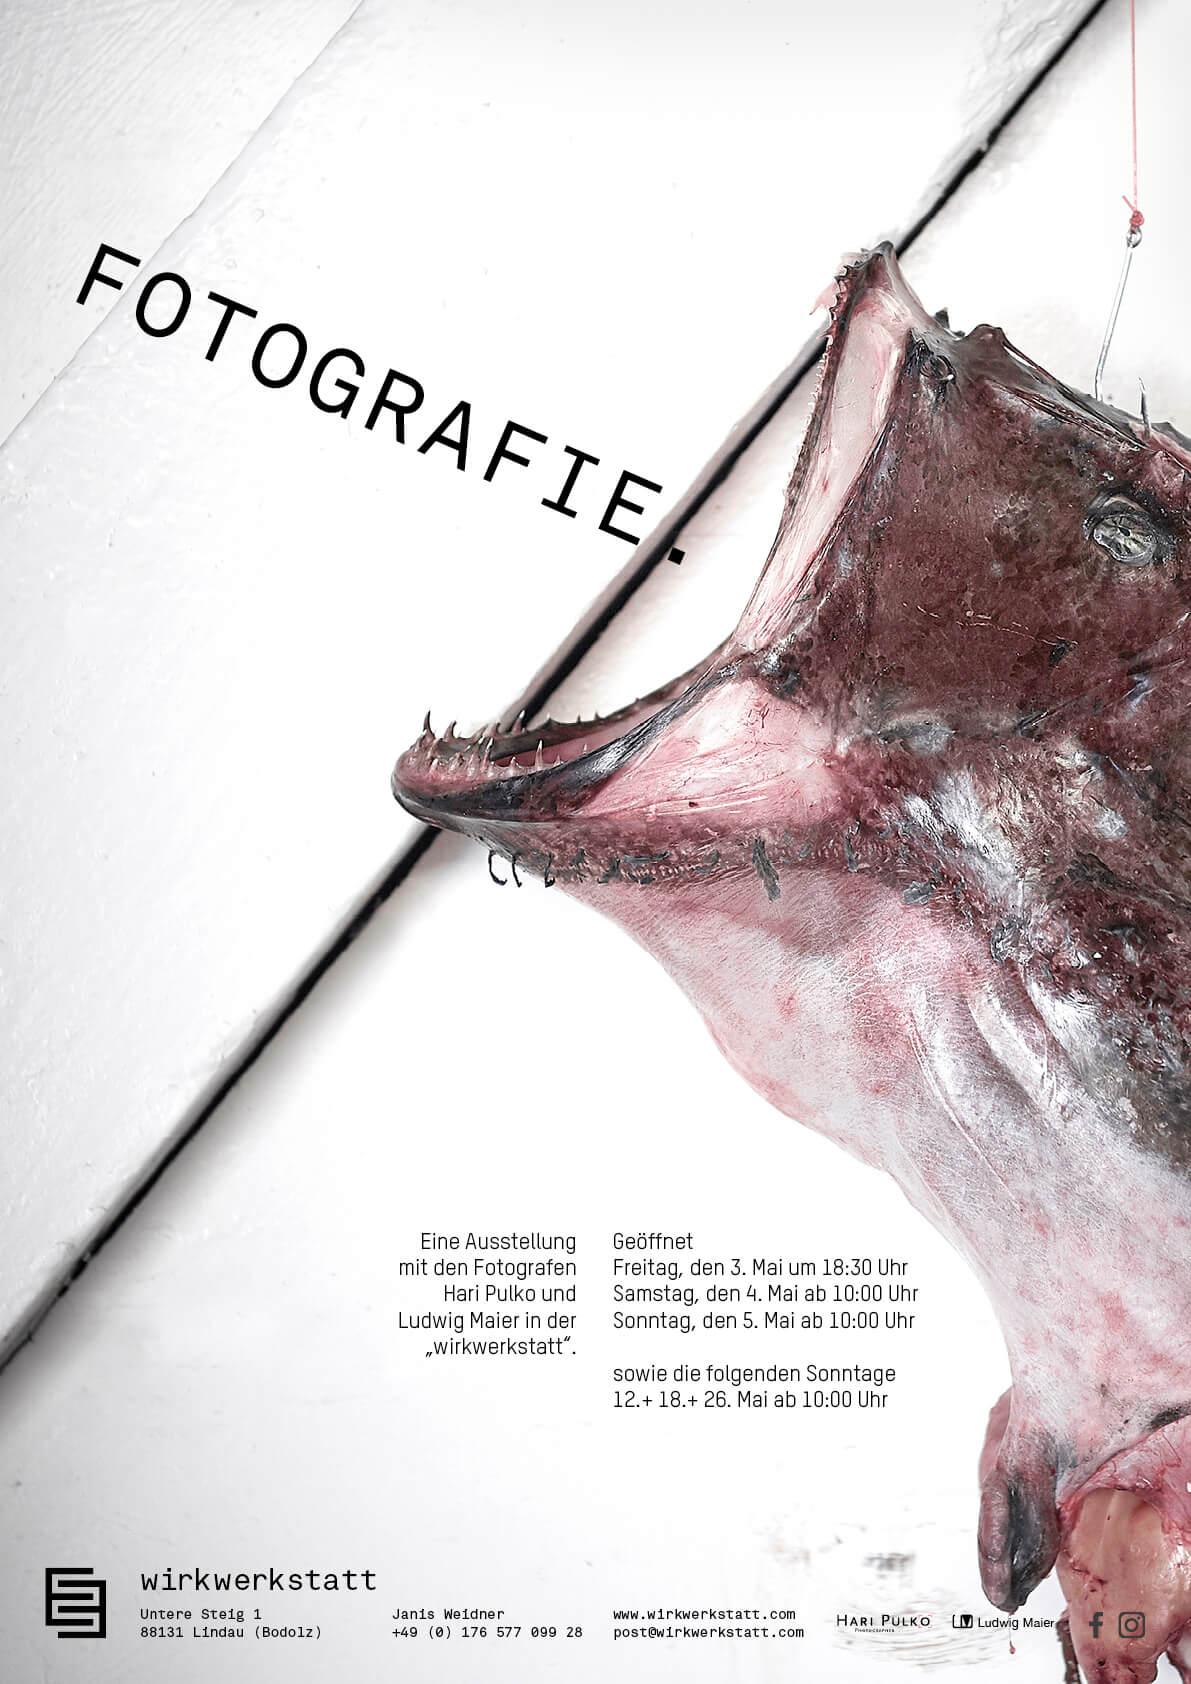 grafikdesign-janis-weidner-lindau-bodensee-plakat-wirkwerkstatt-fotografie